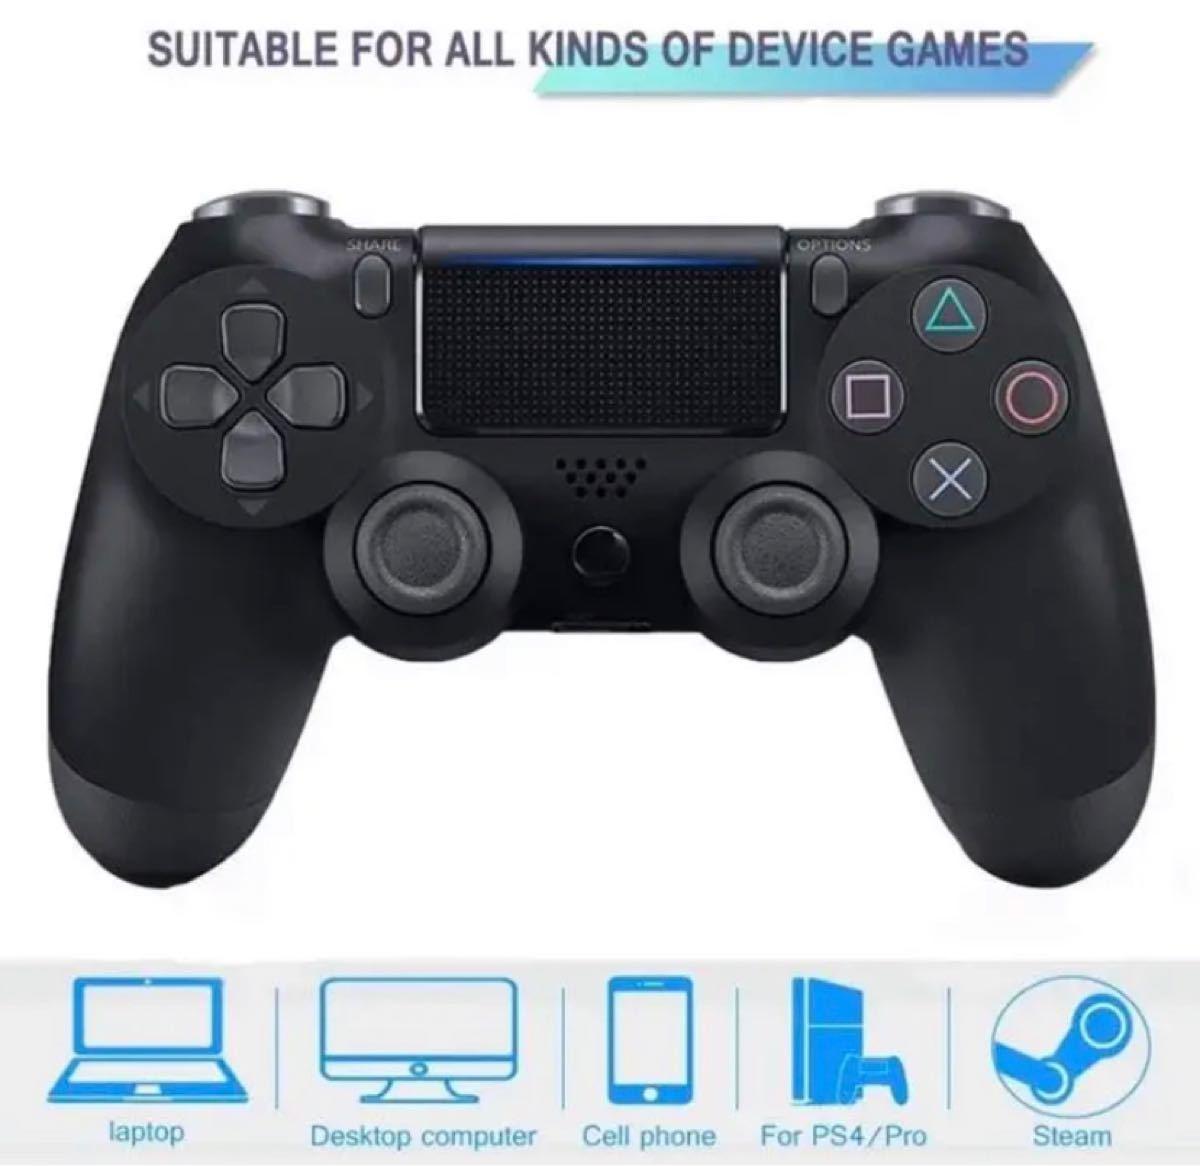 【PS4】新品 ワイヤレスコントローラ互換品 ps4コントローラー ジェット・ブラック DUALSHOCK4